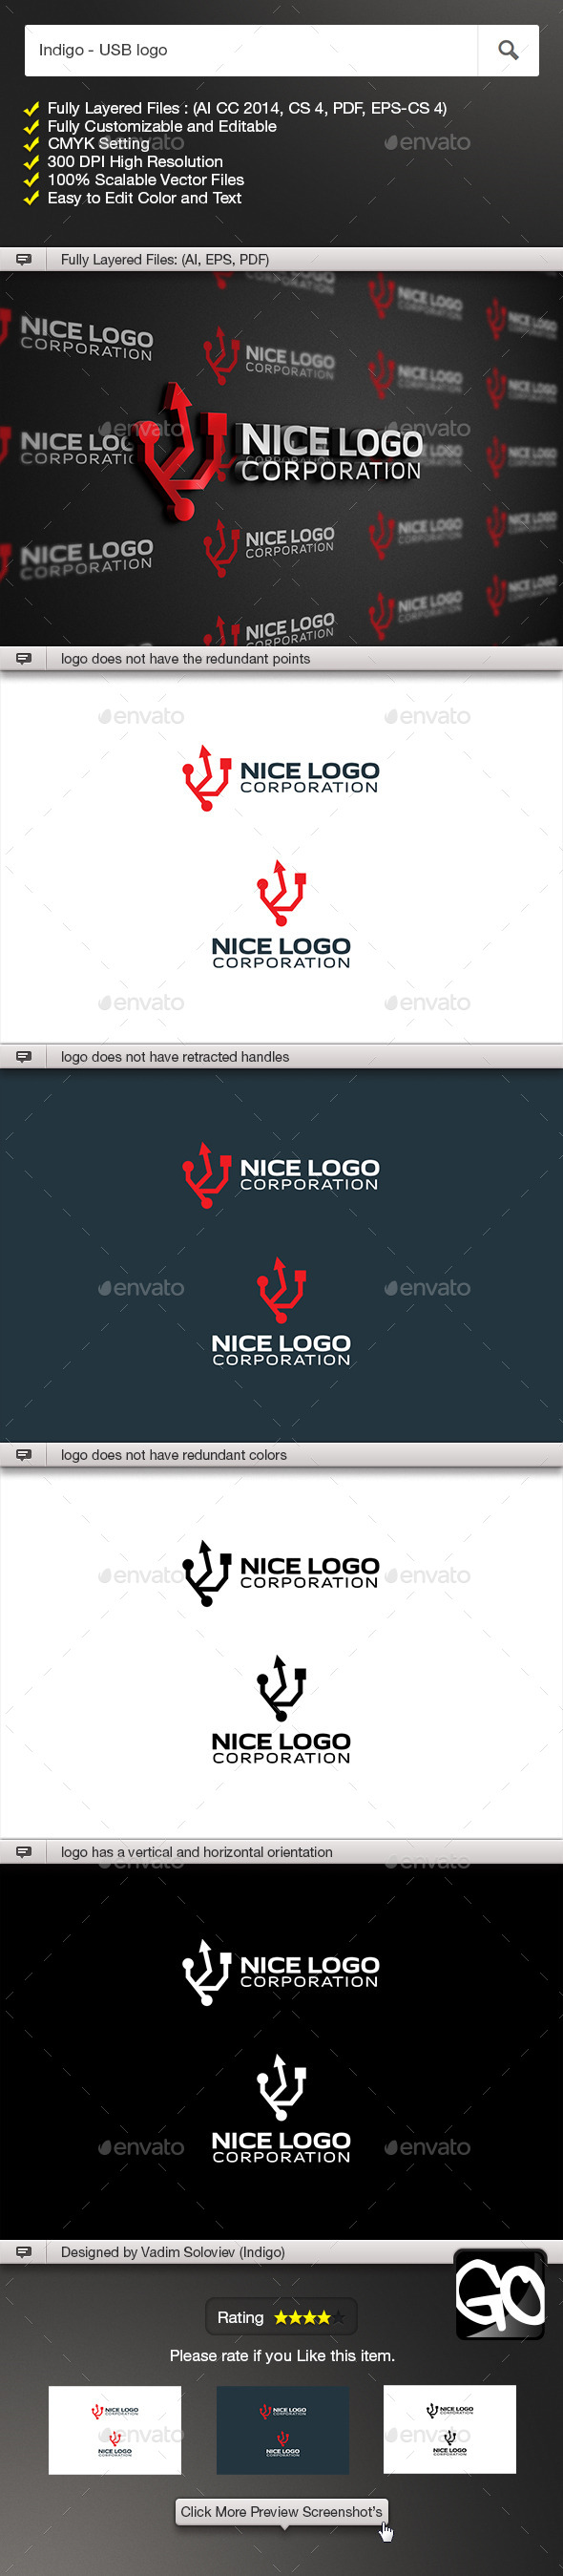 Indigo - USB logo - Symbols Logo Templates